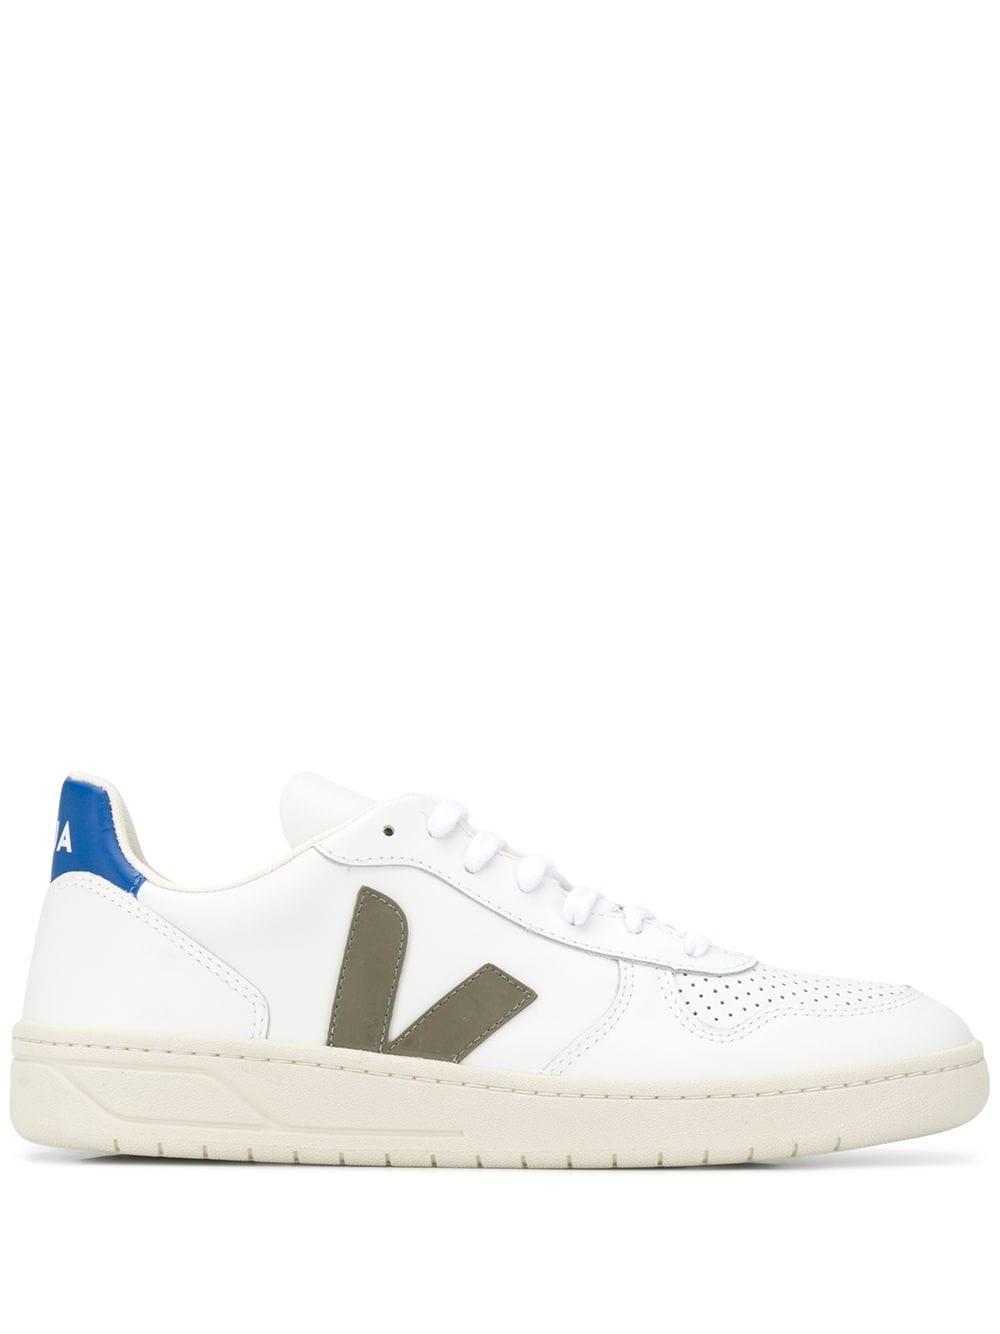 Veja Sneakers met logo – Wit